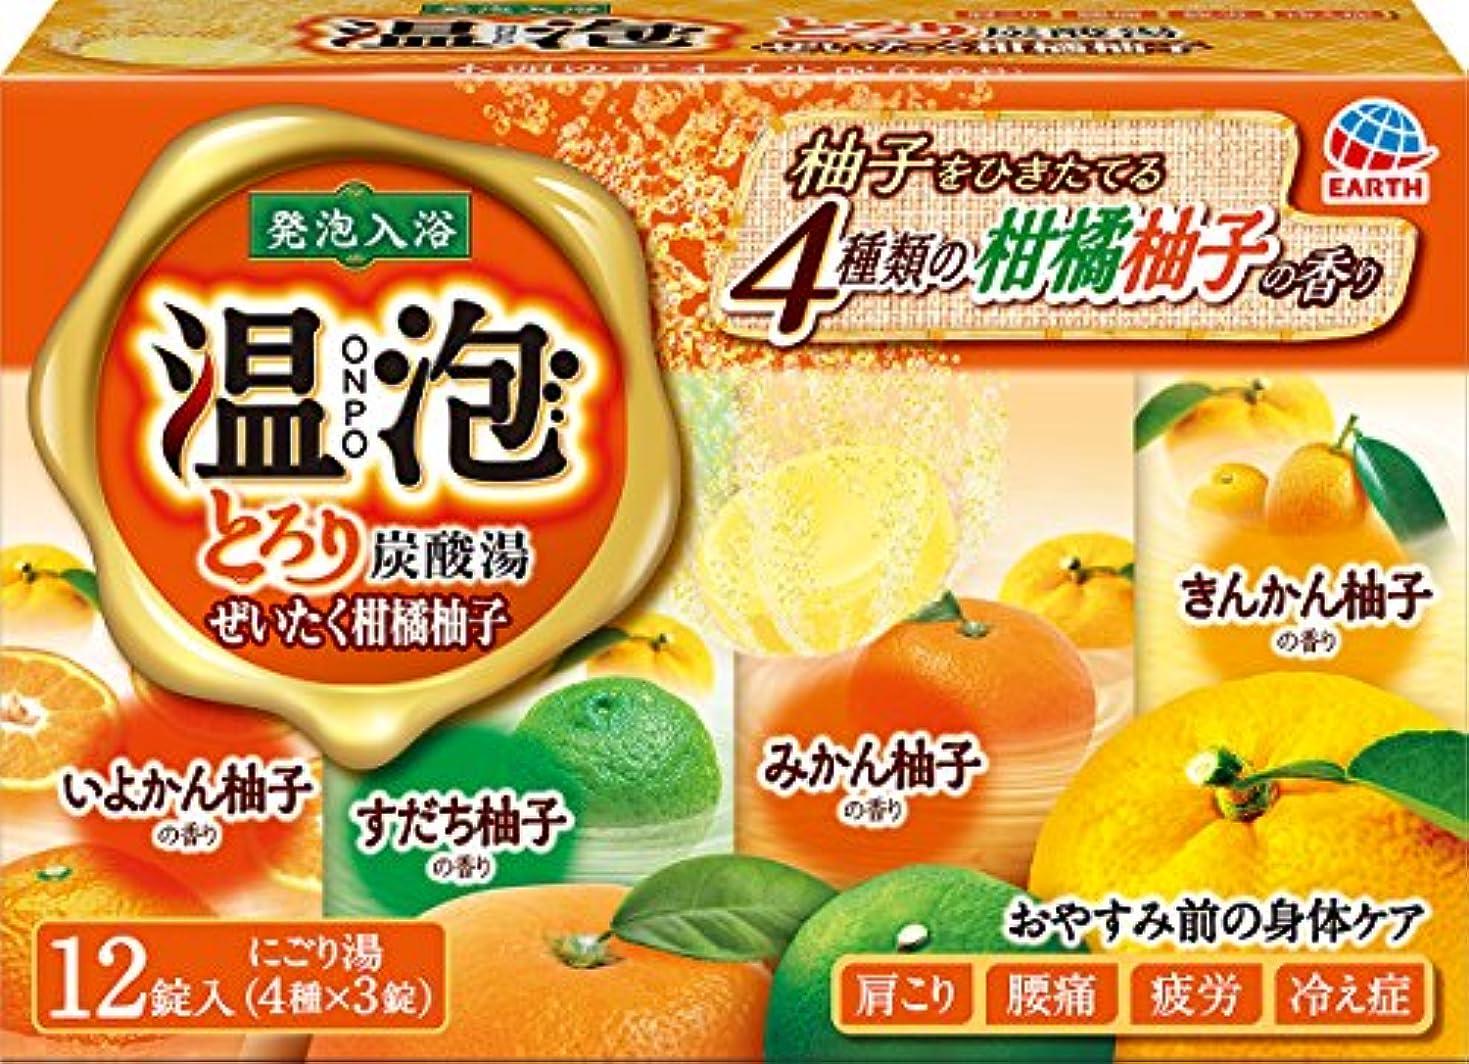 唯一日記検査官アース製薬 温泡 ONPO とろり炭酸湯 ぜいたく柑橘柚子 入浴剤 12錠入(3錠x4種) [医薬部外品]